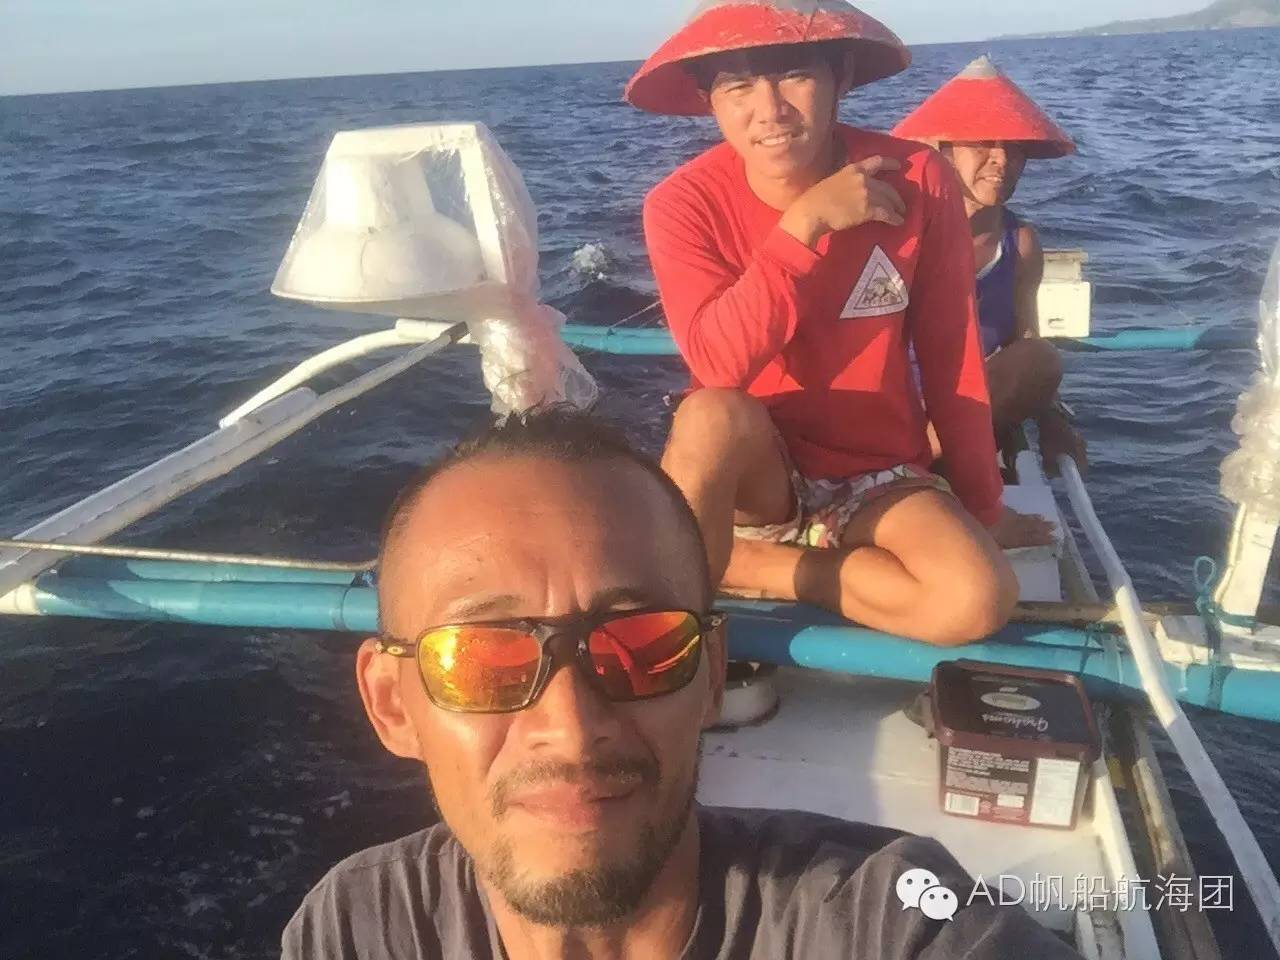 帆船游记二十三:甘米银岛夜捕金枪鱼 2401b8481937668b58b0a110231aa946.jpg